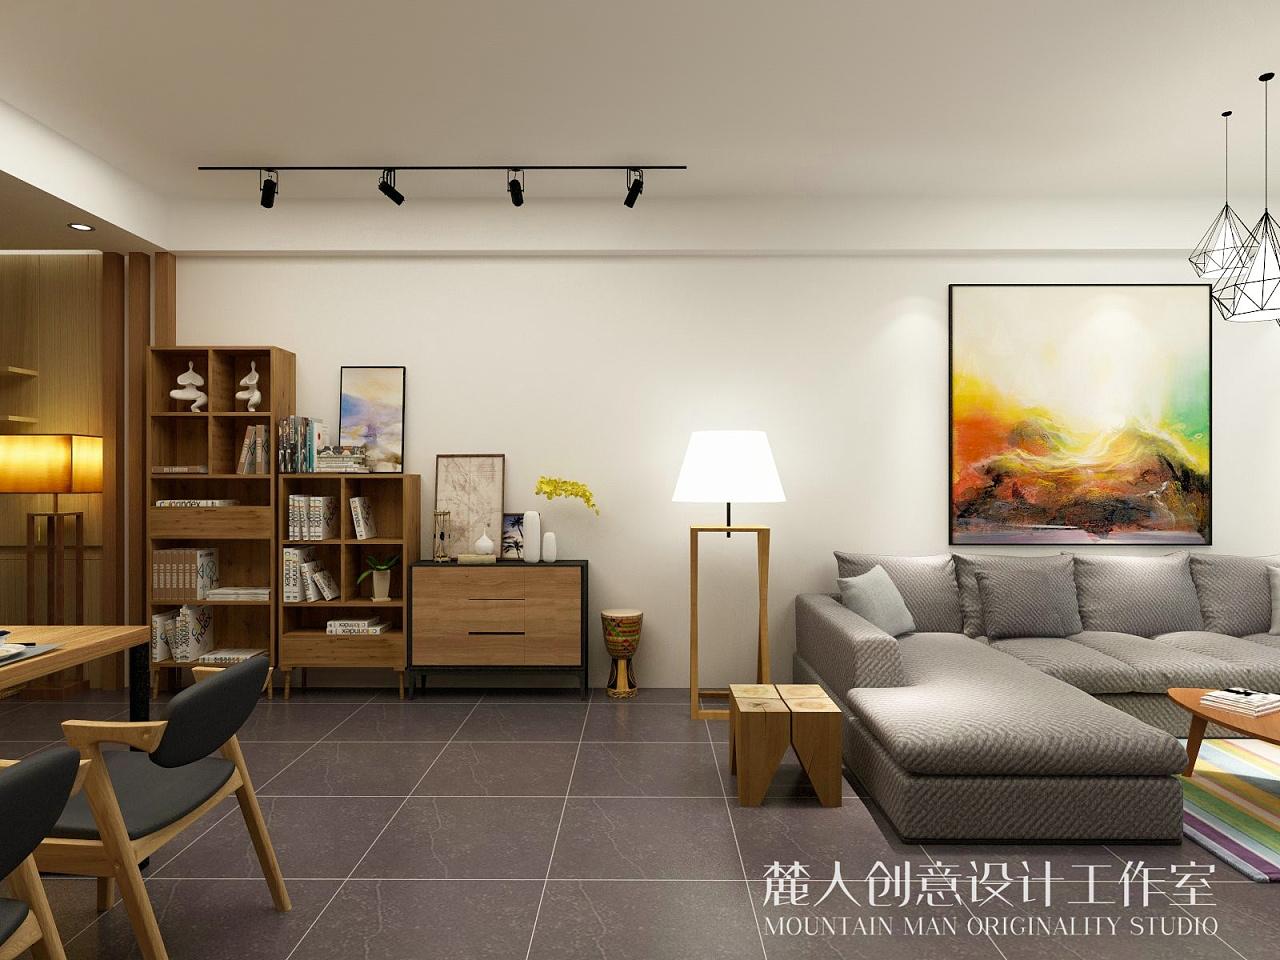 北欧 现代简约风三室一厅-室内设计-空间-设计作品